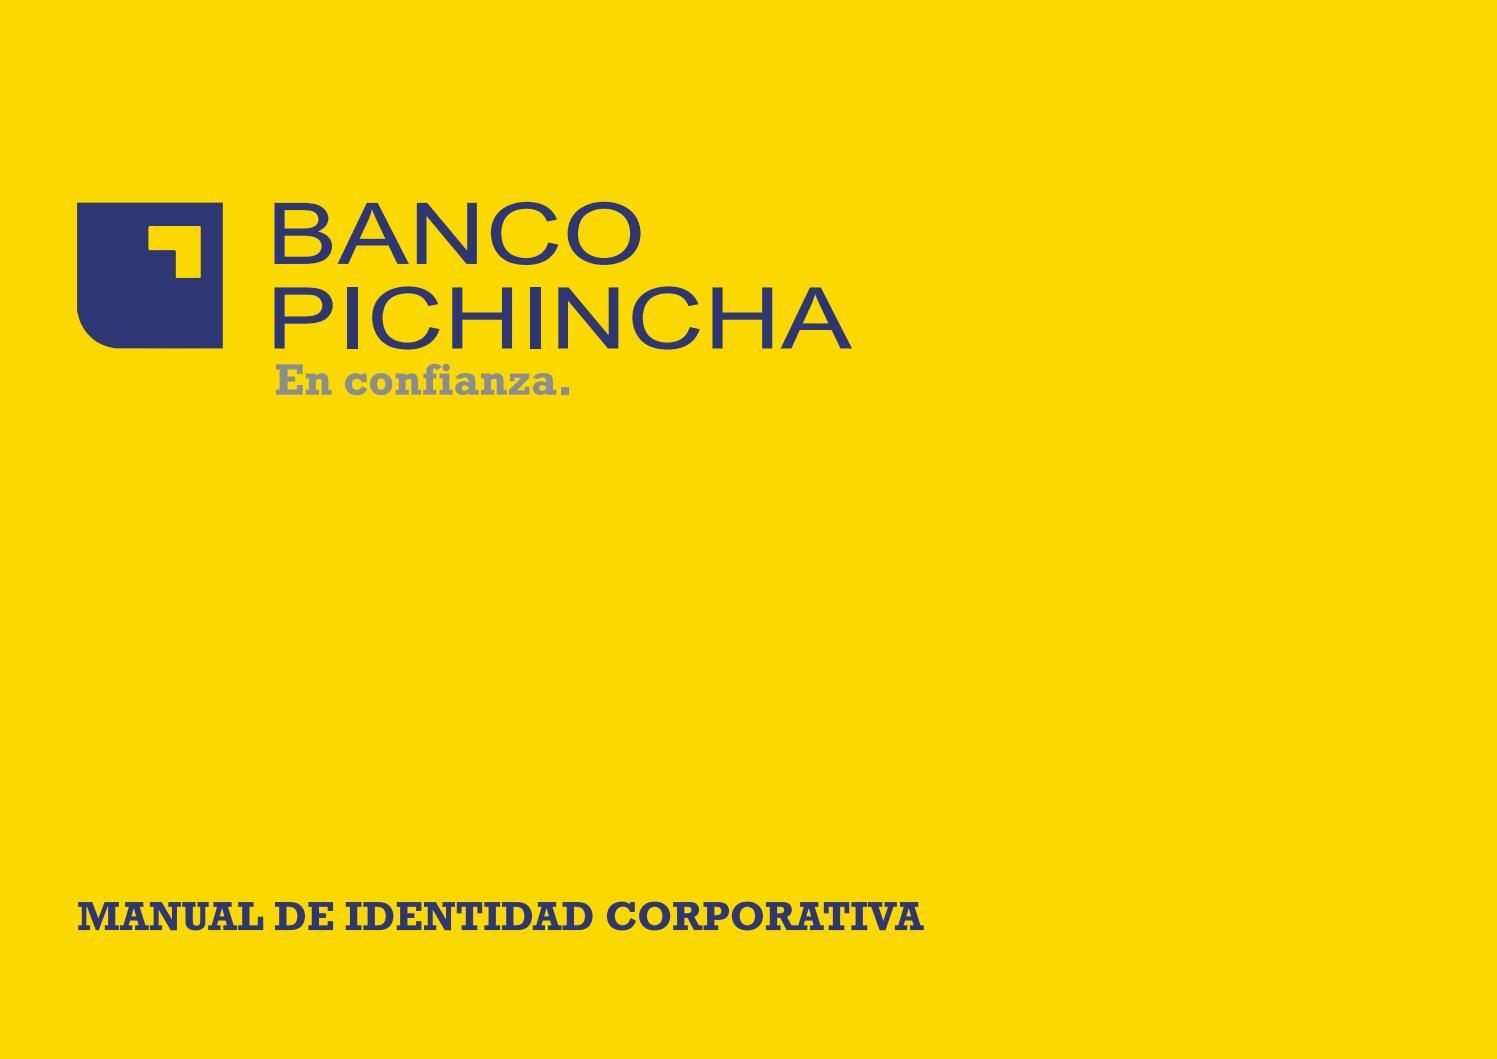 Manual de identidad corporativa (Banco-Pichincha) by Mirko